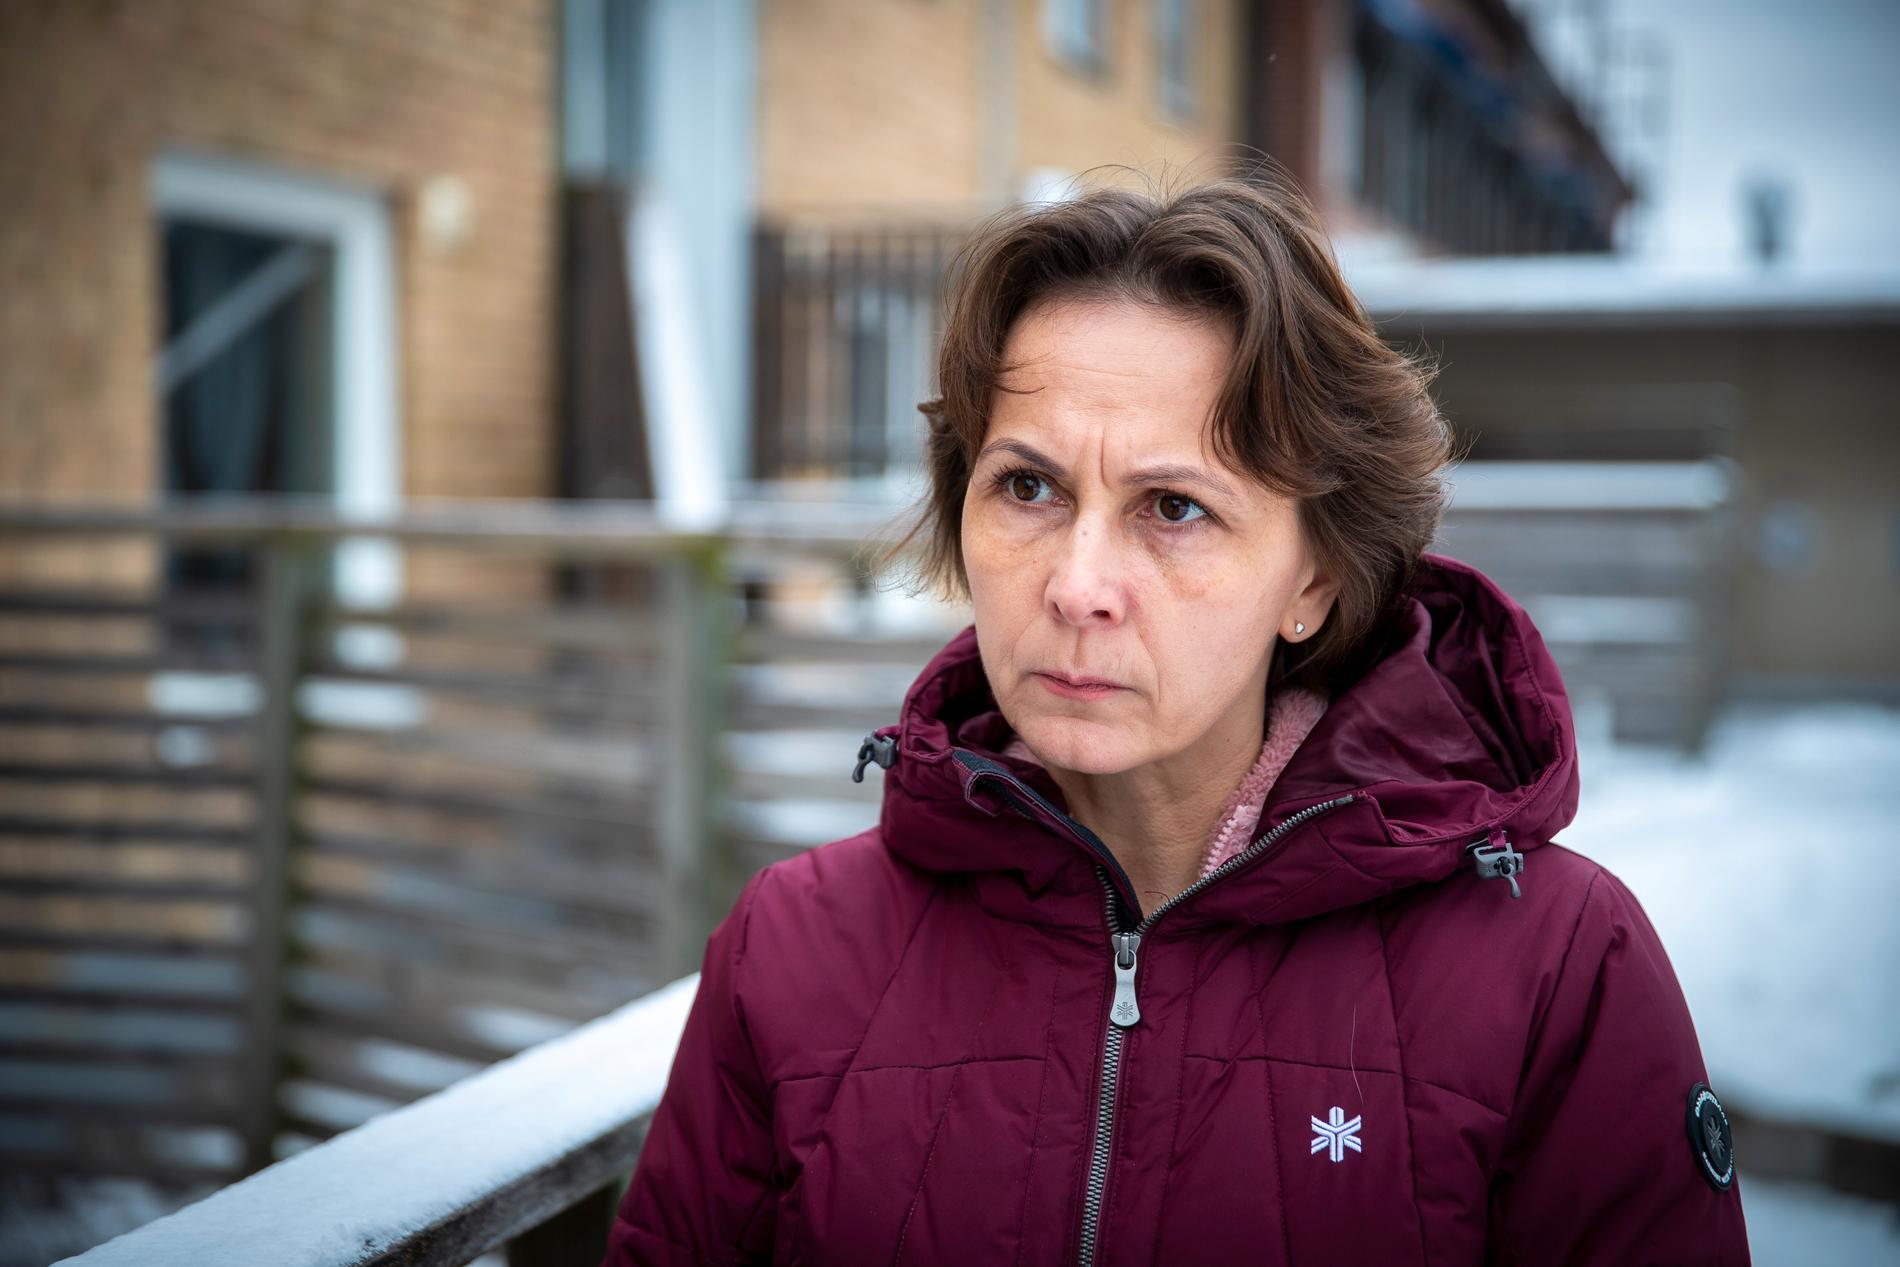 17-årige Mattias mamma Erika Borg vill att polisen öppnar utredningen igen.